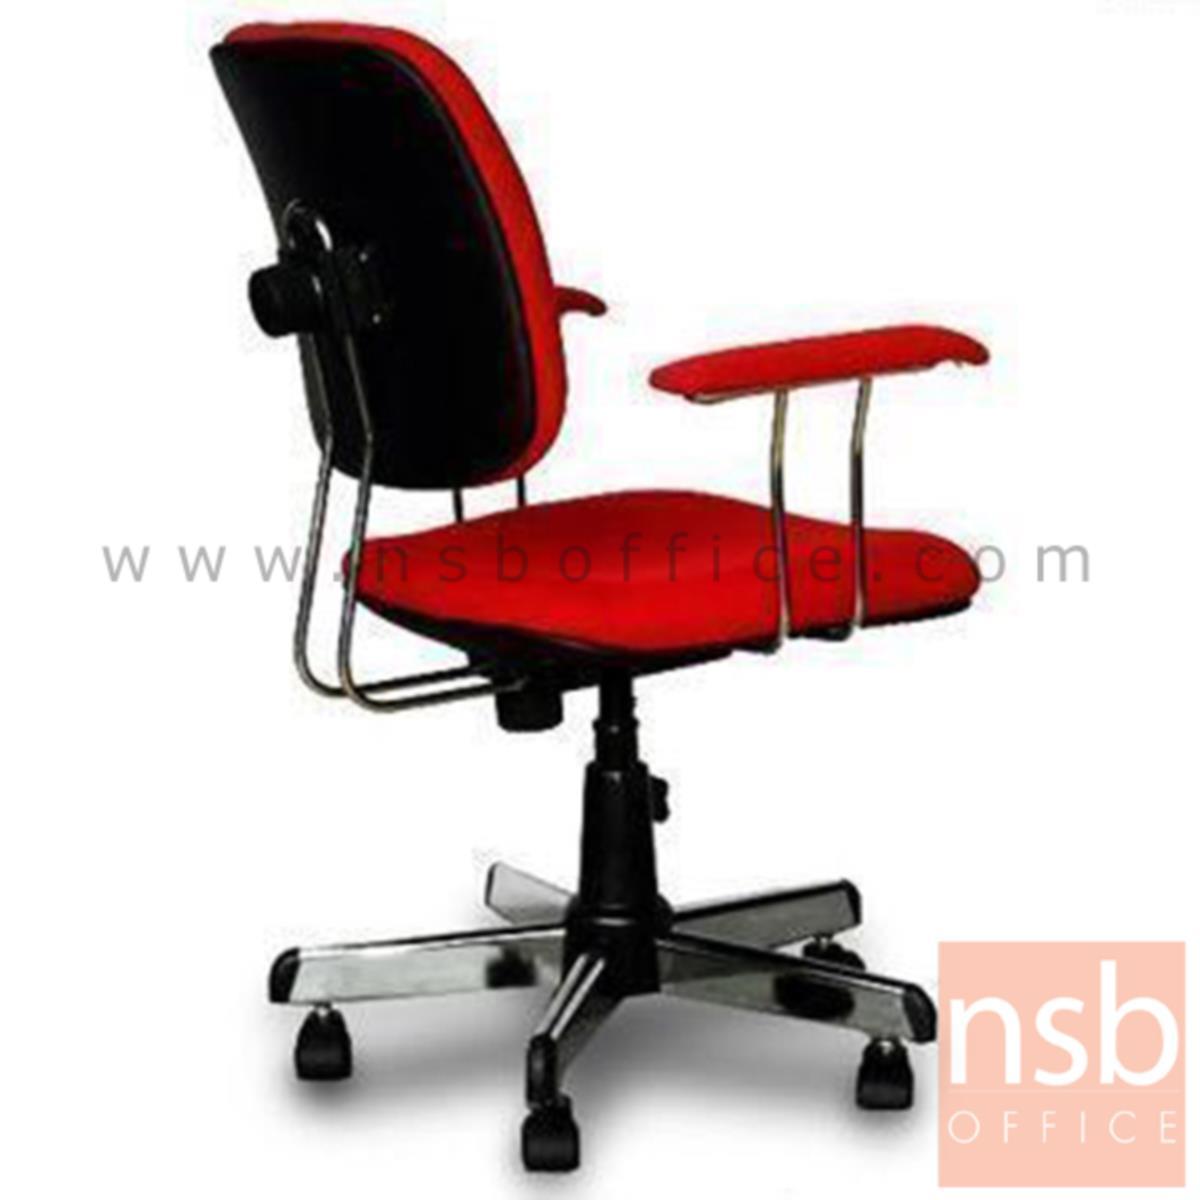 เก้าอี้สำนักงาน  รุ่น Beatrix (เบียทริกซ์)  มีก้อนโยก ขาเหล็กชุบโครเมี่ยม